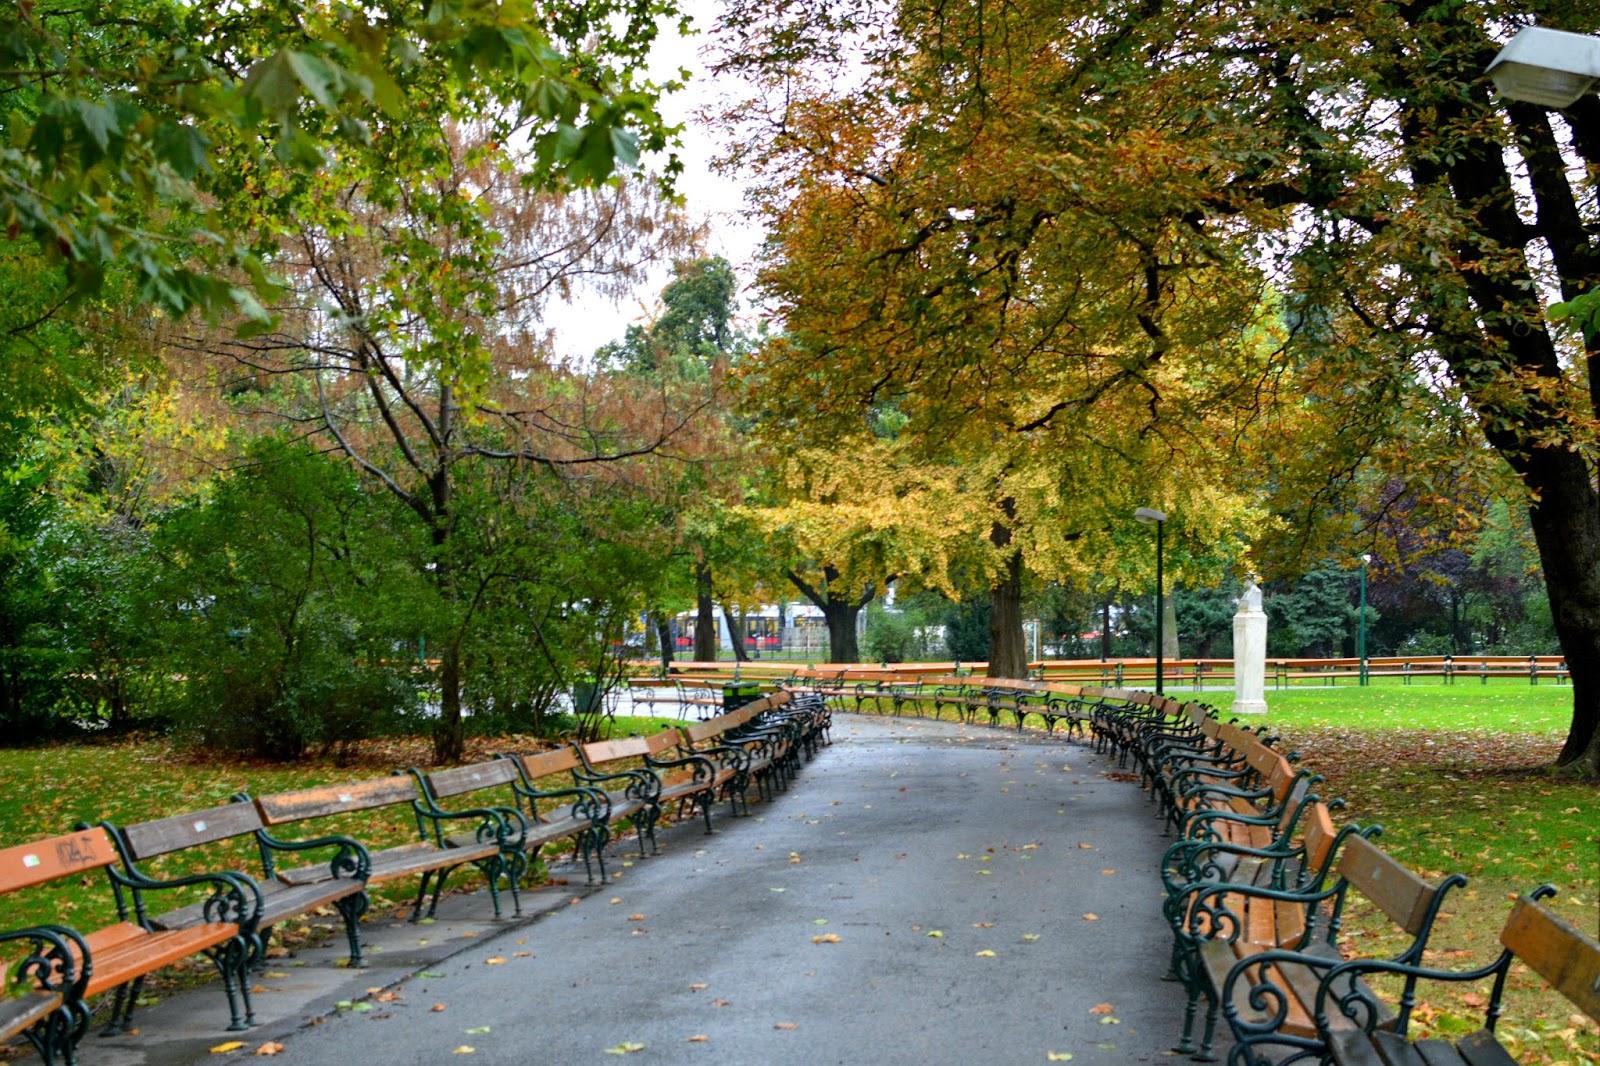 Vienna park